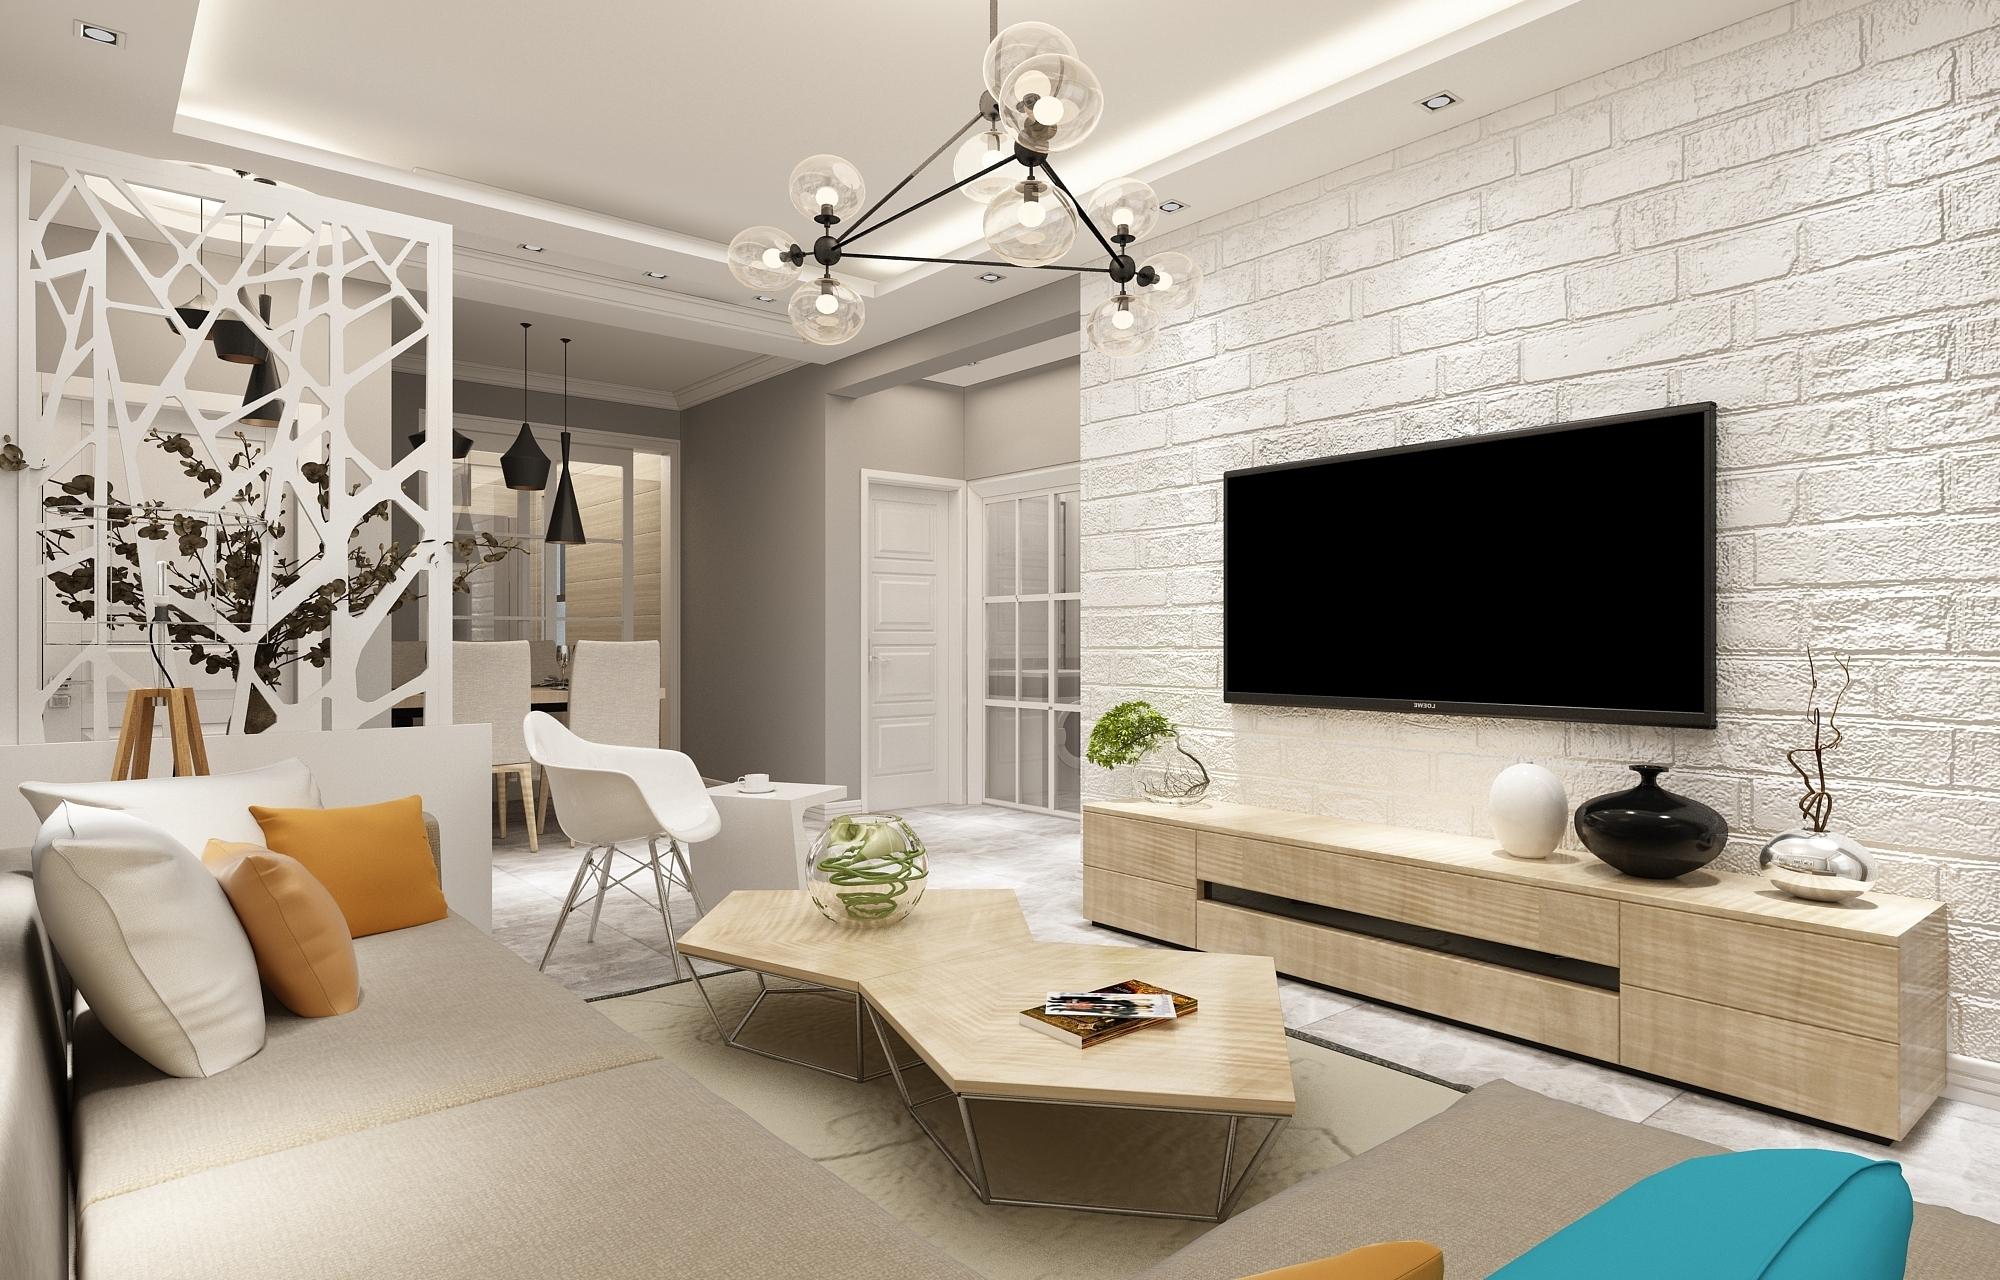 刀茅巷天园阁93平米北欧式风格三居室